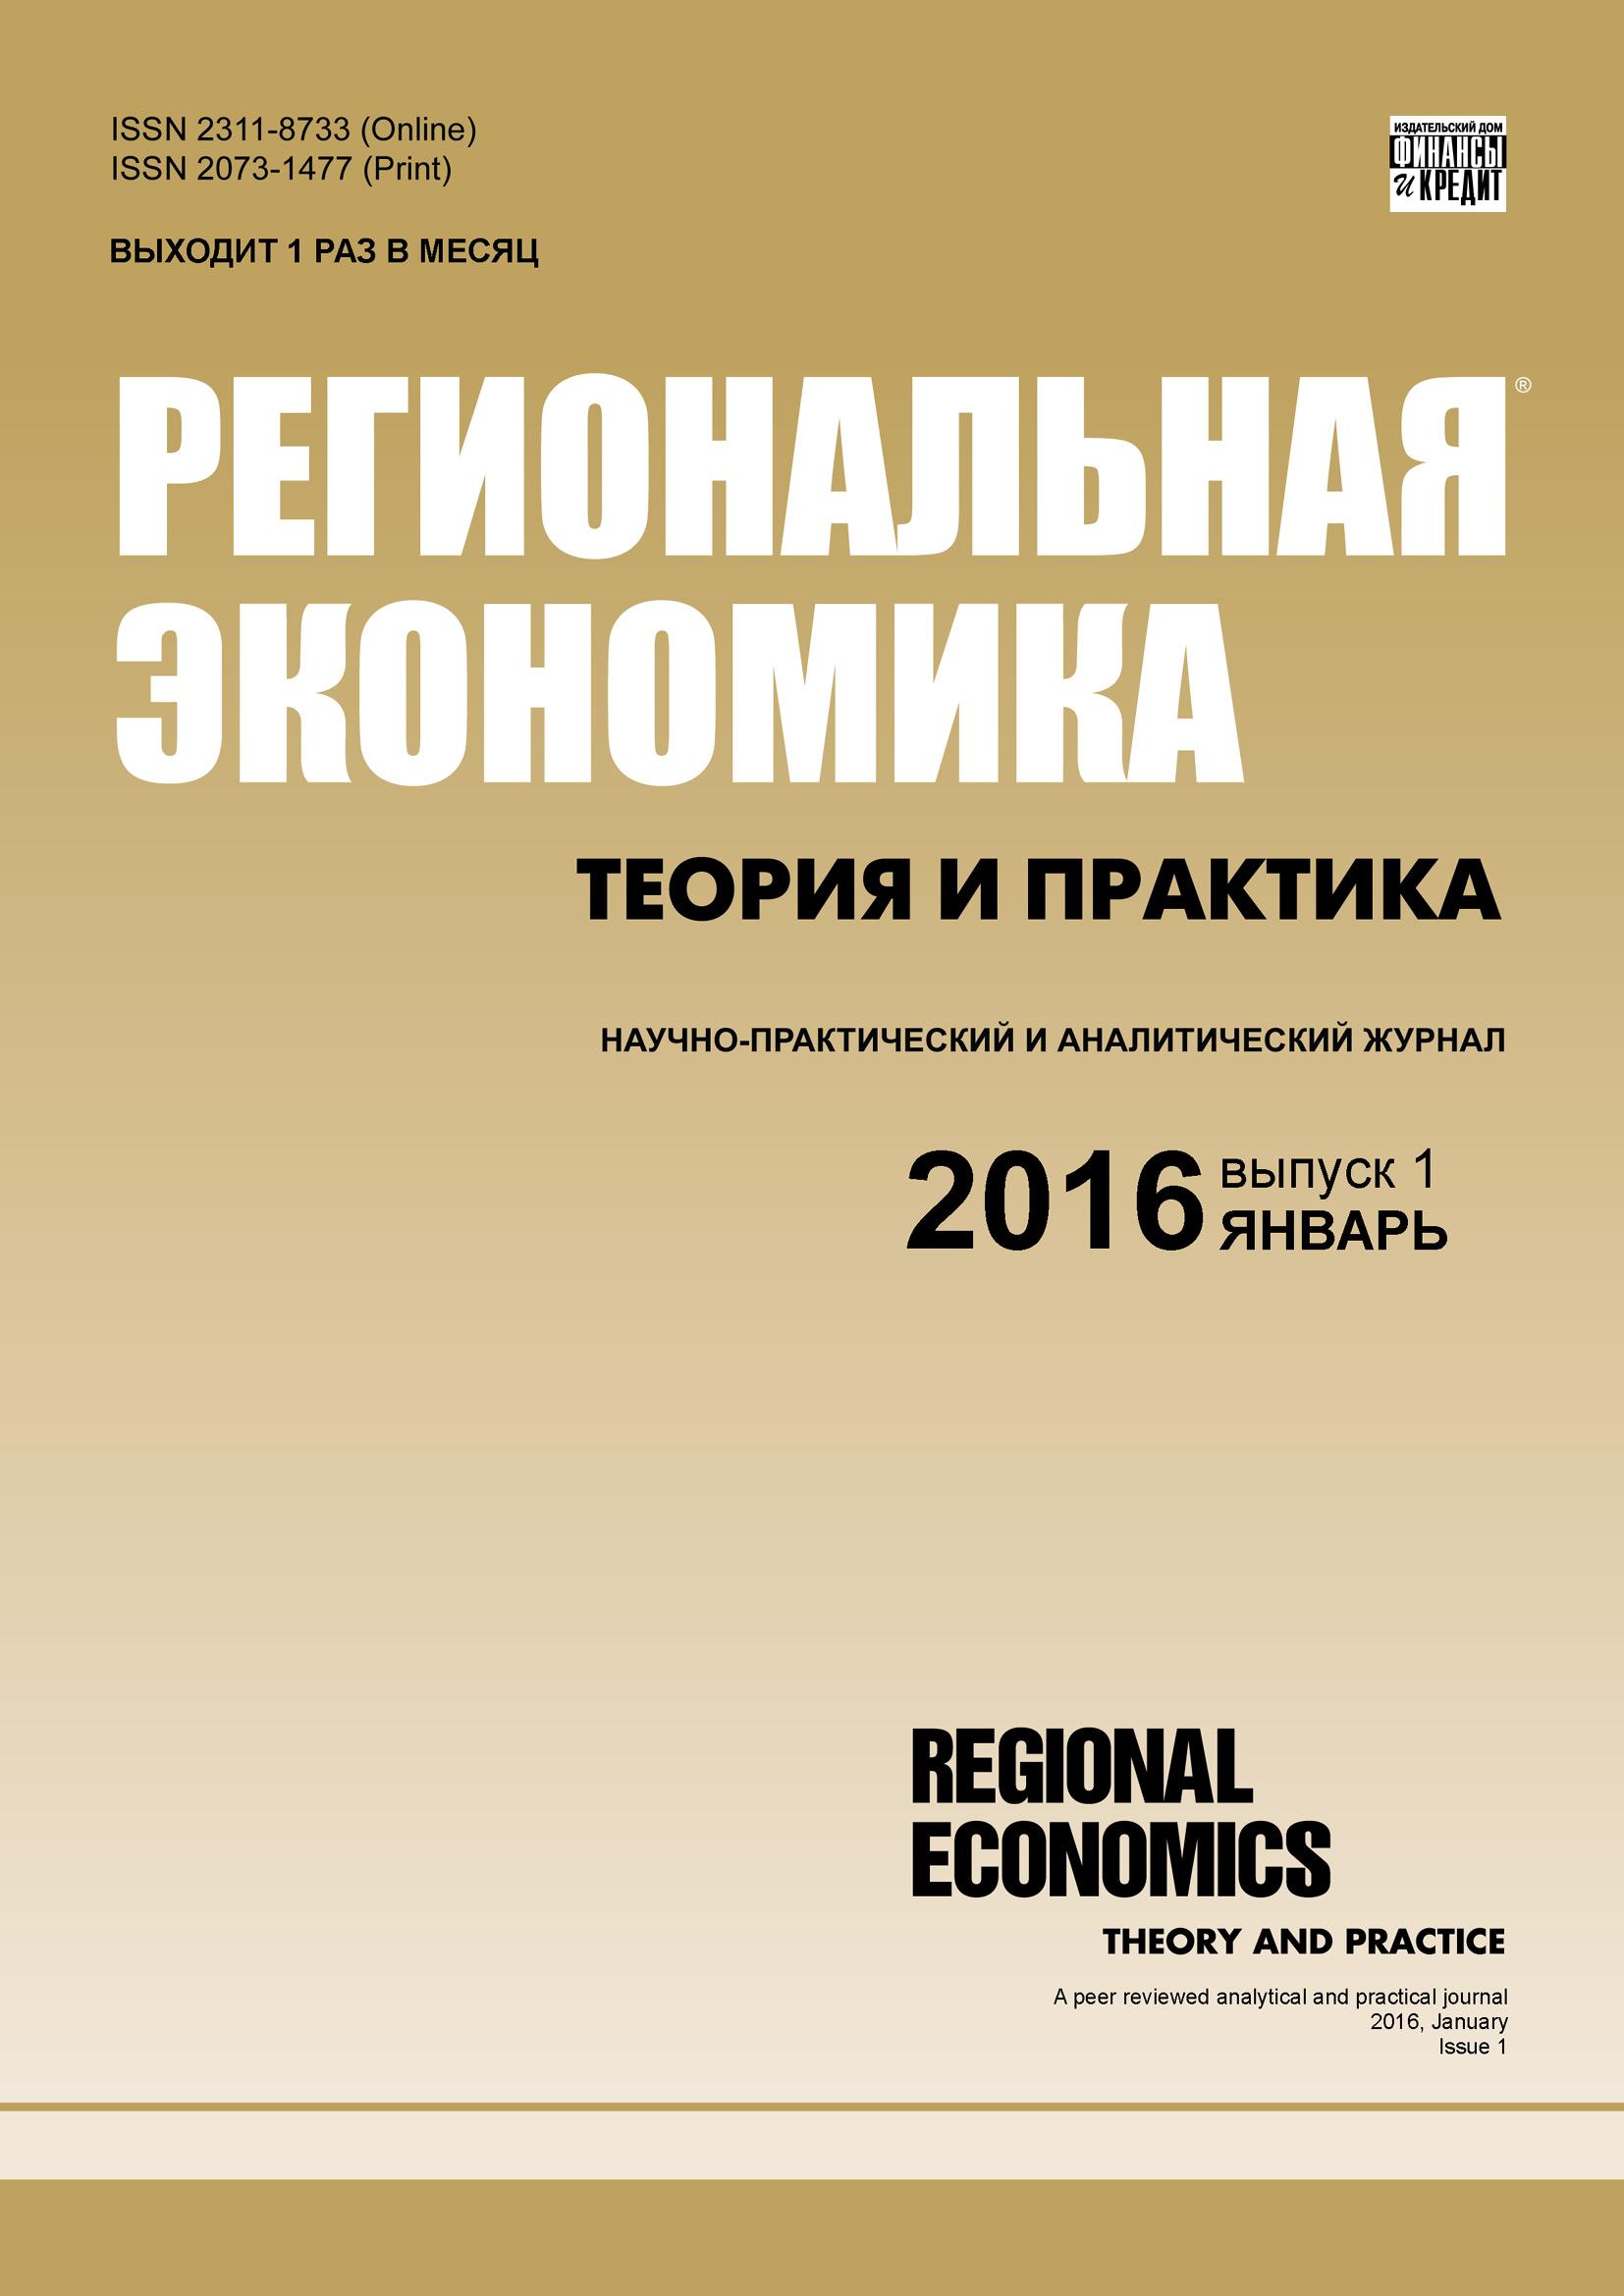 Региональная экономика: теория и практика № 1 (424) 2016